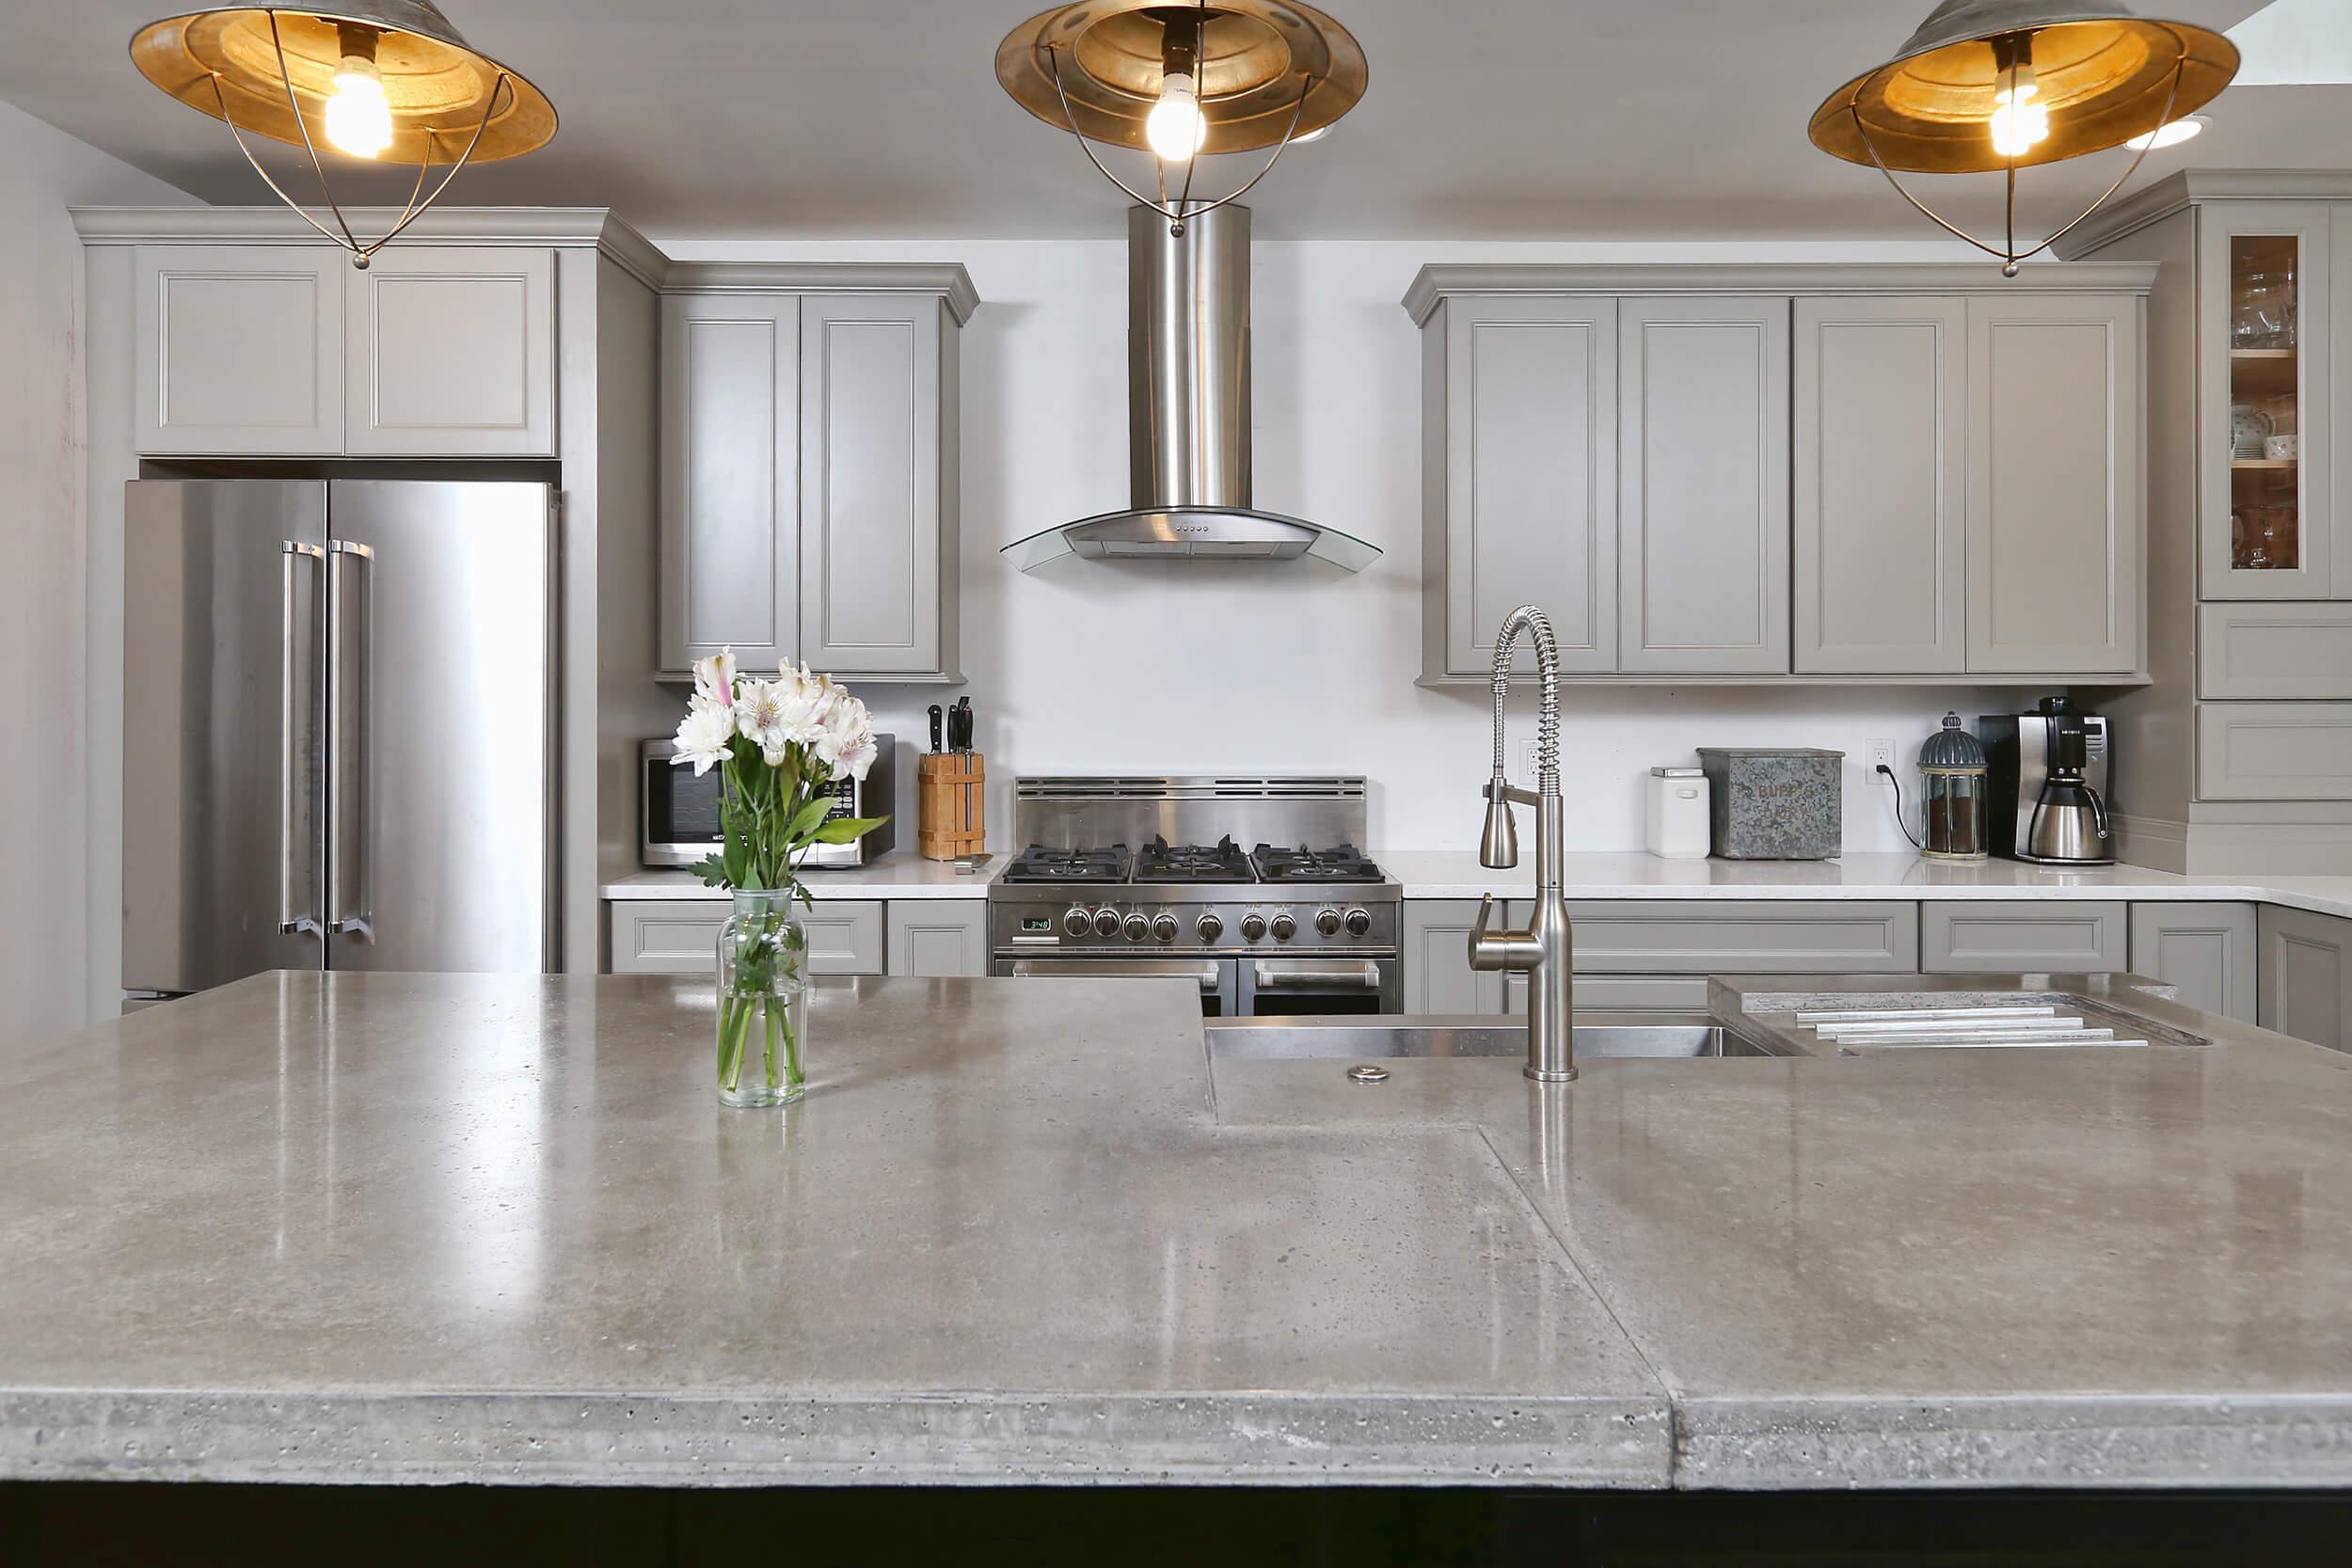 Modern Industrial Kitchen Inspiration